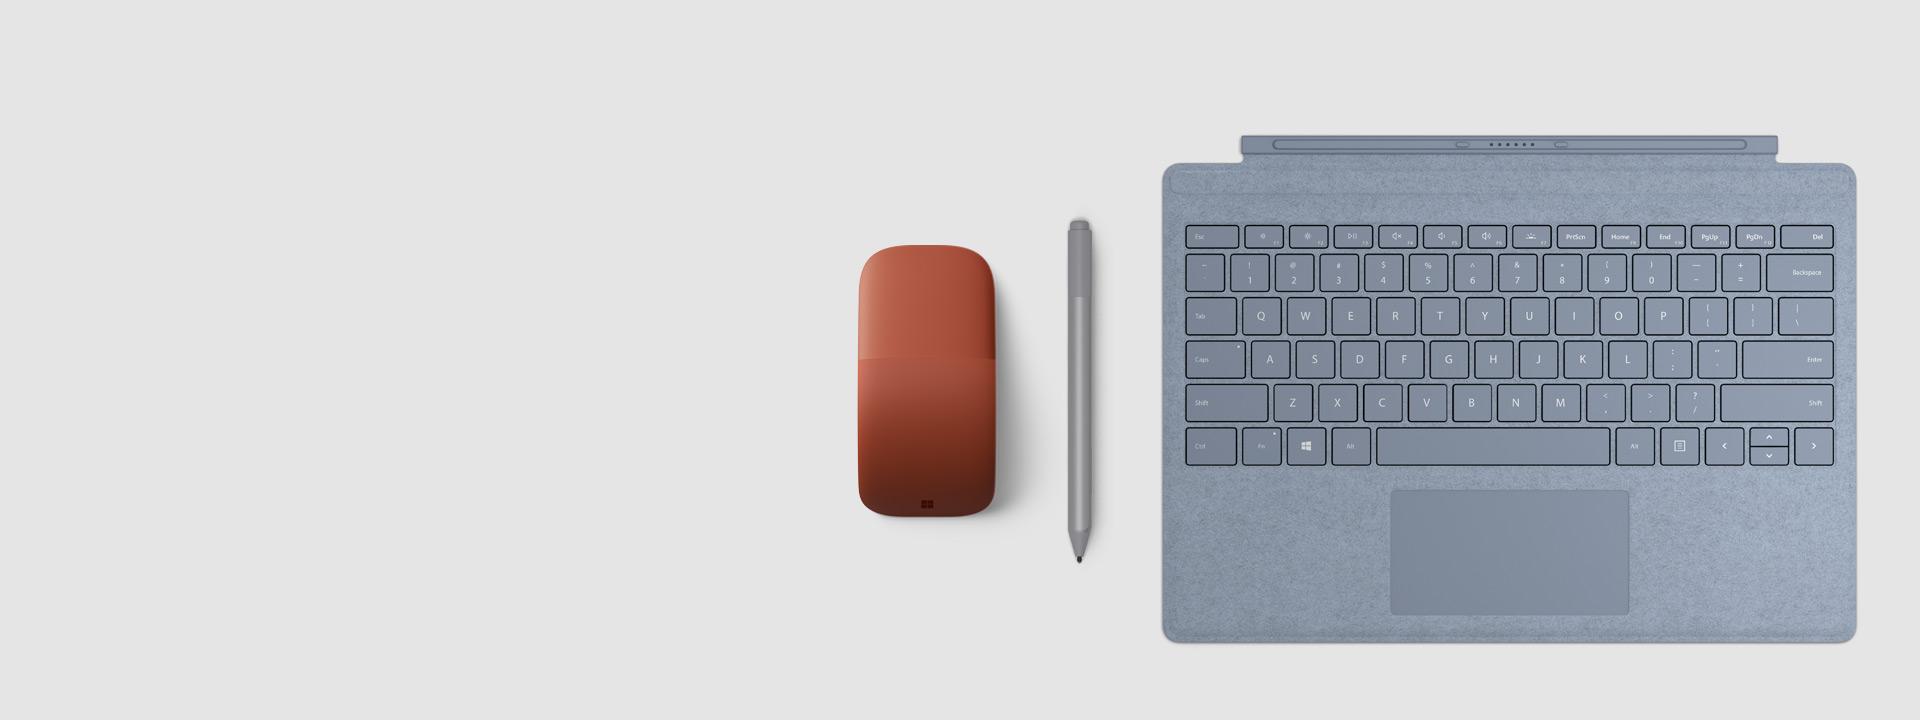 Caneta para Surface, Capa Teclado Signature para Surface e Surface Arc Mouse